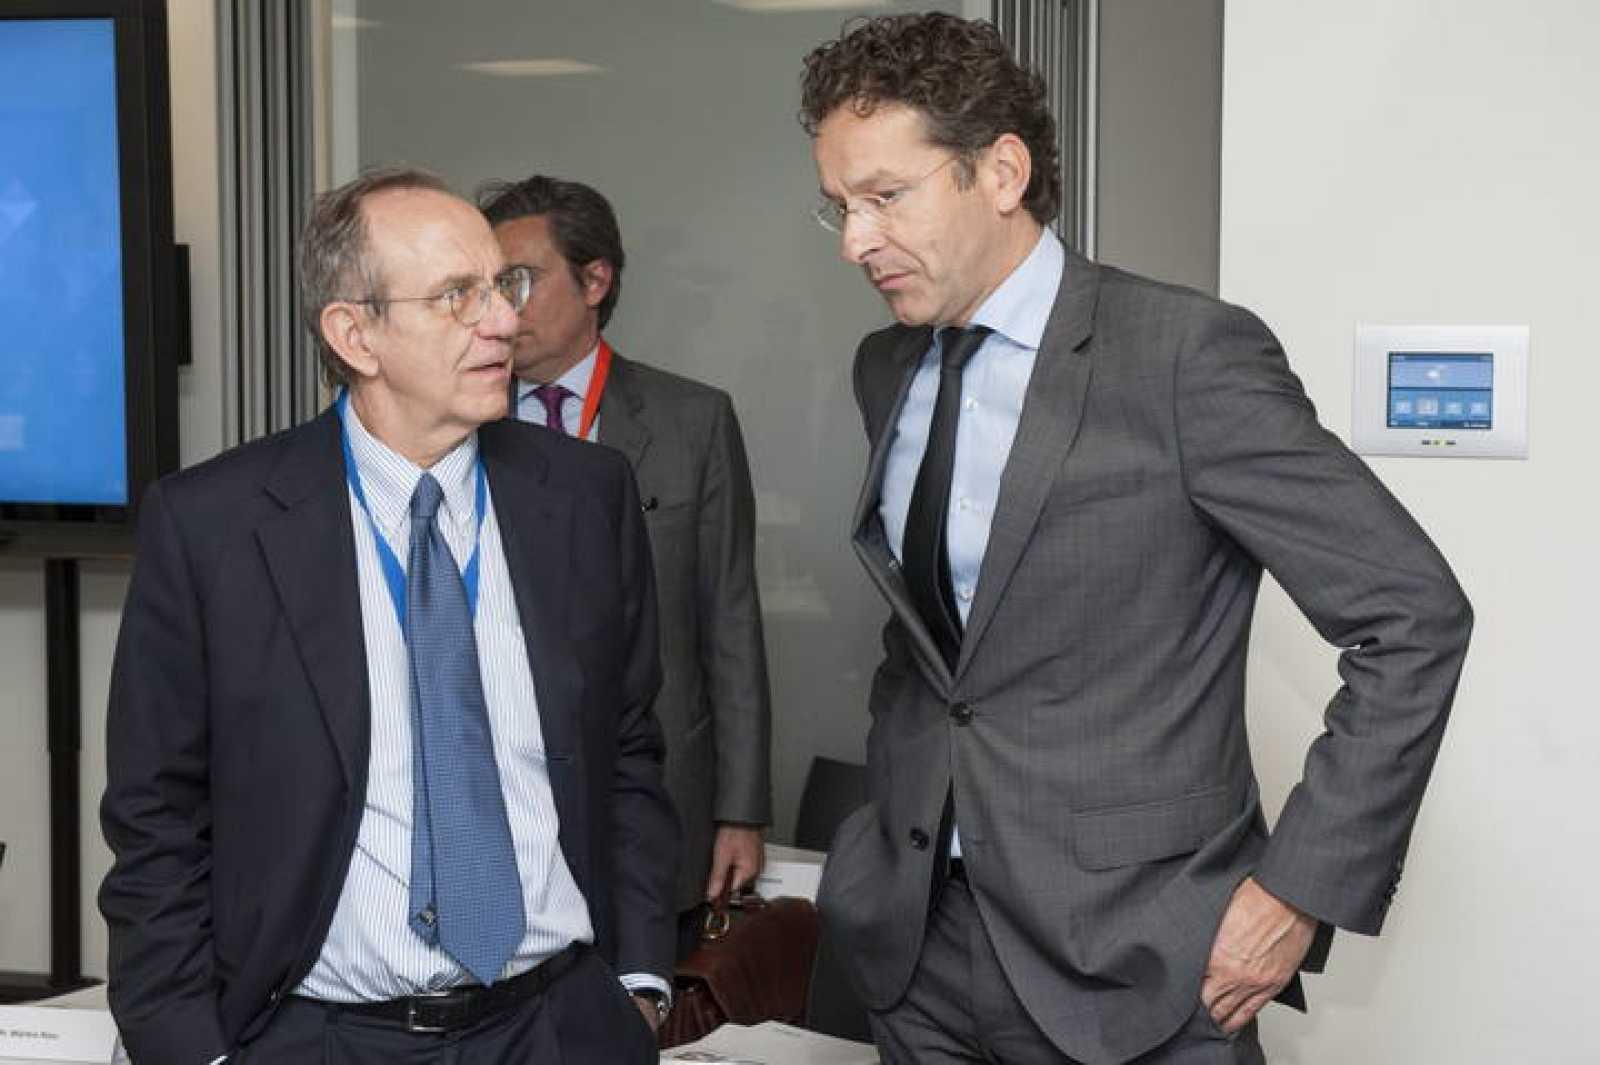 El ministro italiano de Finanzas, Pier Carlo Padoan, conversa con el presidente del Eurogrupo, Jeroen Dijsselbloem